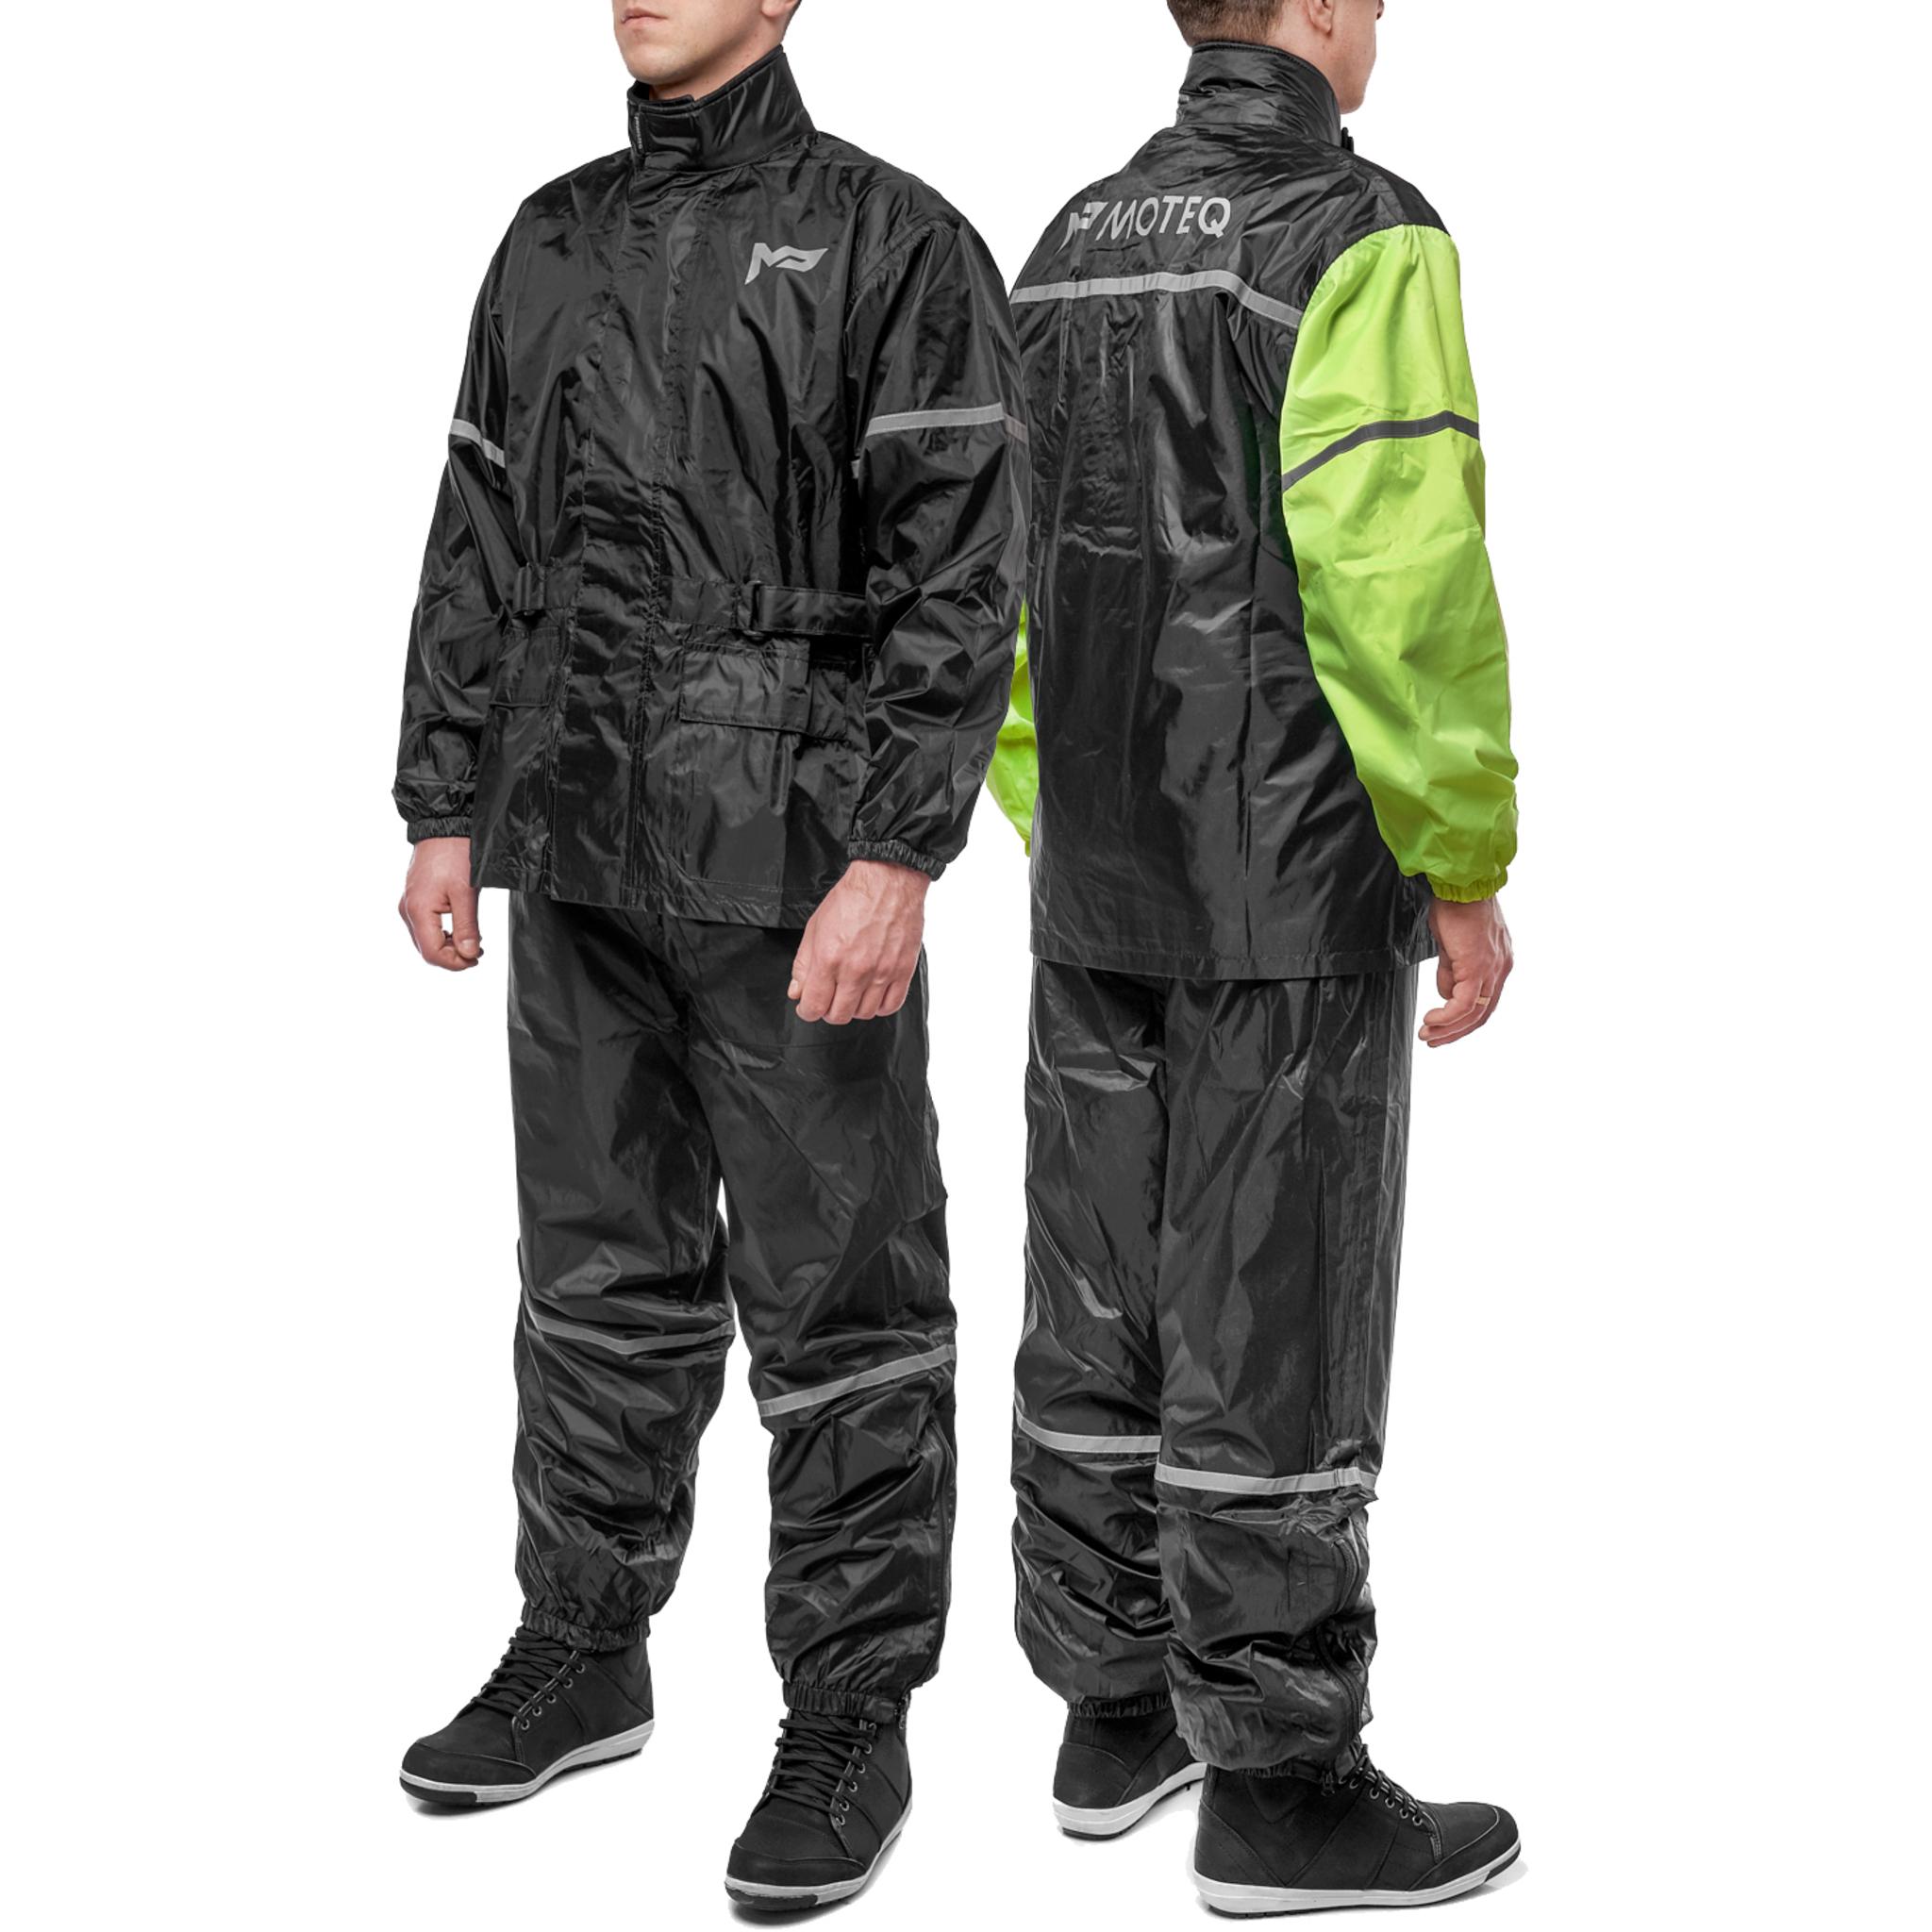 Дождевик MOTEQ WET DOG, раздельный (куртка + штаны)